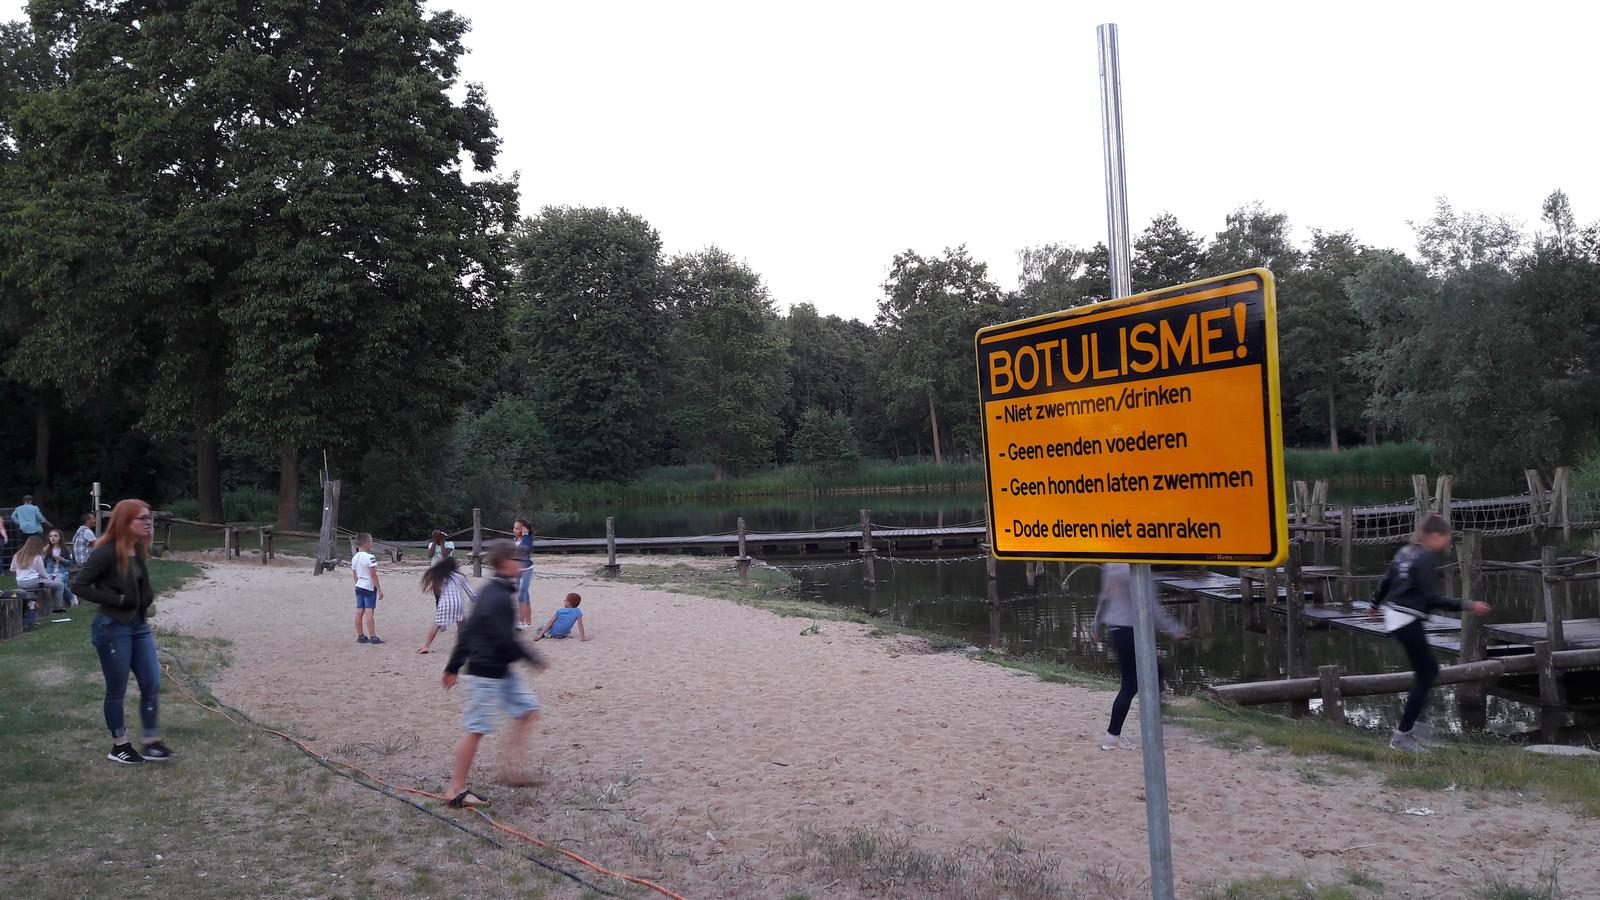 Borden waarschuwen in stadsdeel Lindenholt tegen botulisme.